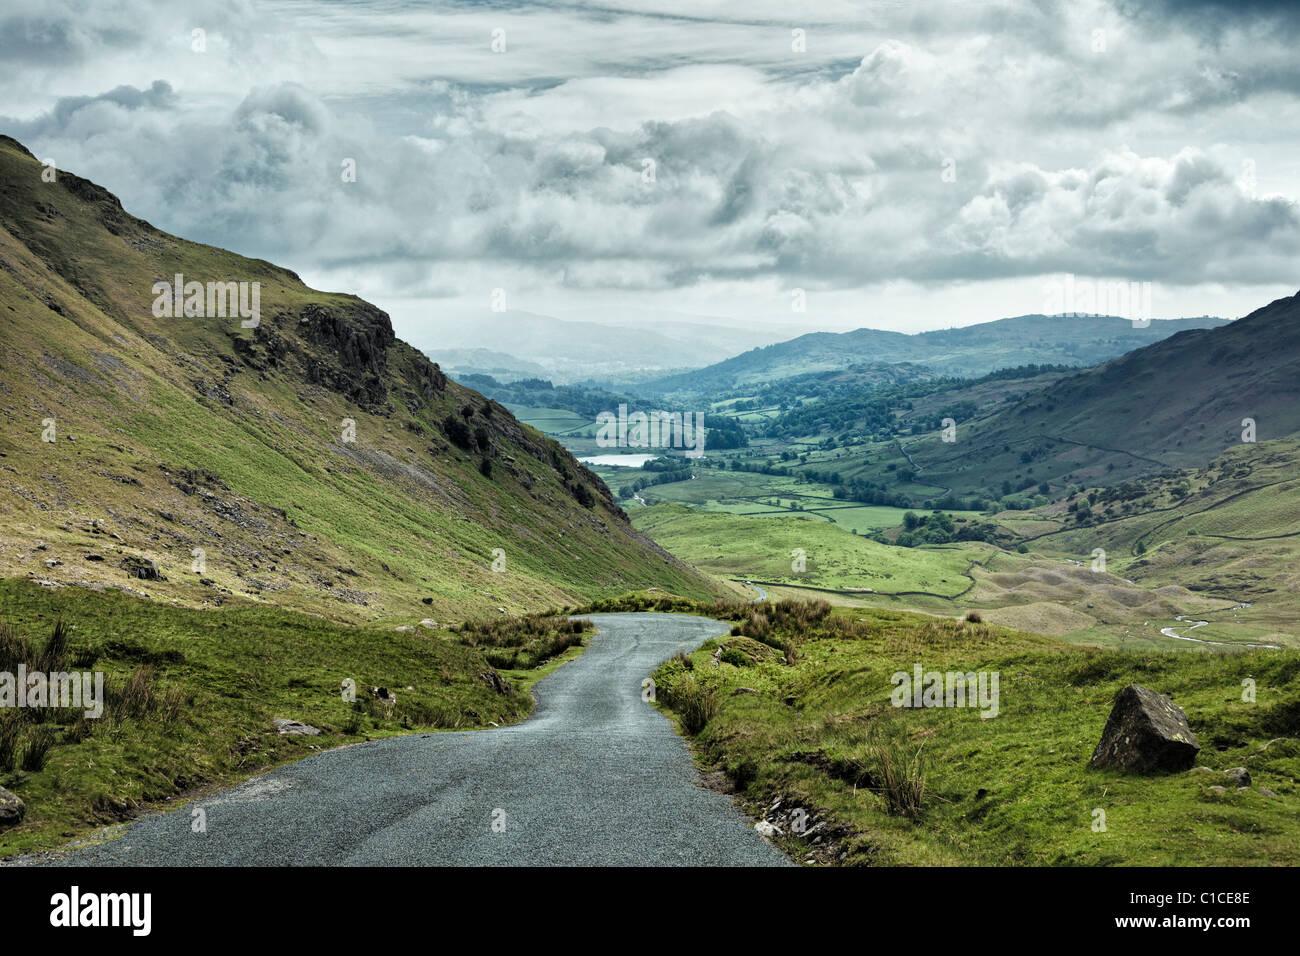 Wrynose Pass im Lake District Königreich mit Blick auf kleine Langdale Tarn Stockbild